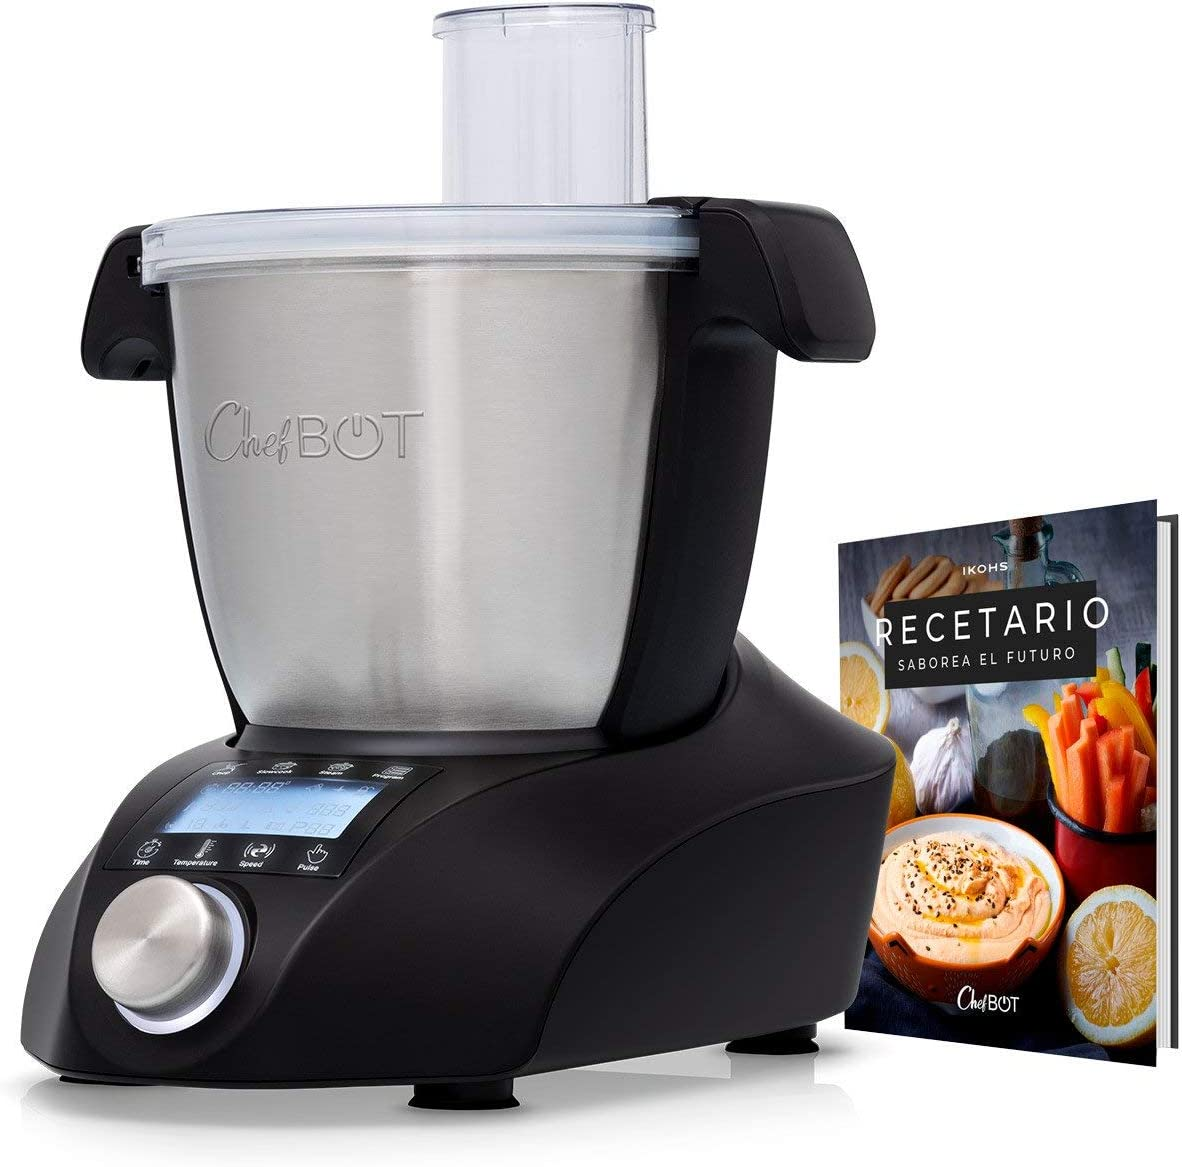 IKOHS CHEFBOT Compact - Robot de Cocina Multifunción, Compacto, Cocina al Vapor, 23 Funciones, 10 Velocidades con Turbo, Bol de Acero Inoxidable 2,2 L, Libre BPA (con Recetario - Negro)